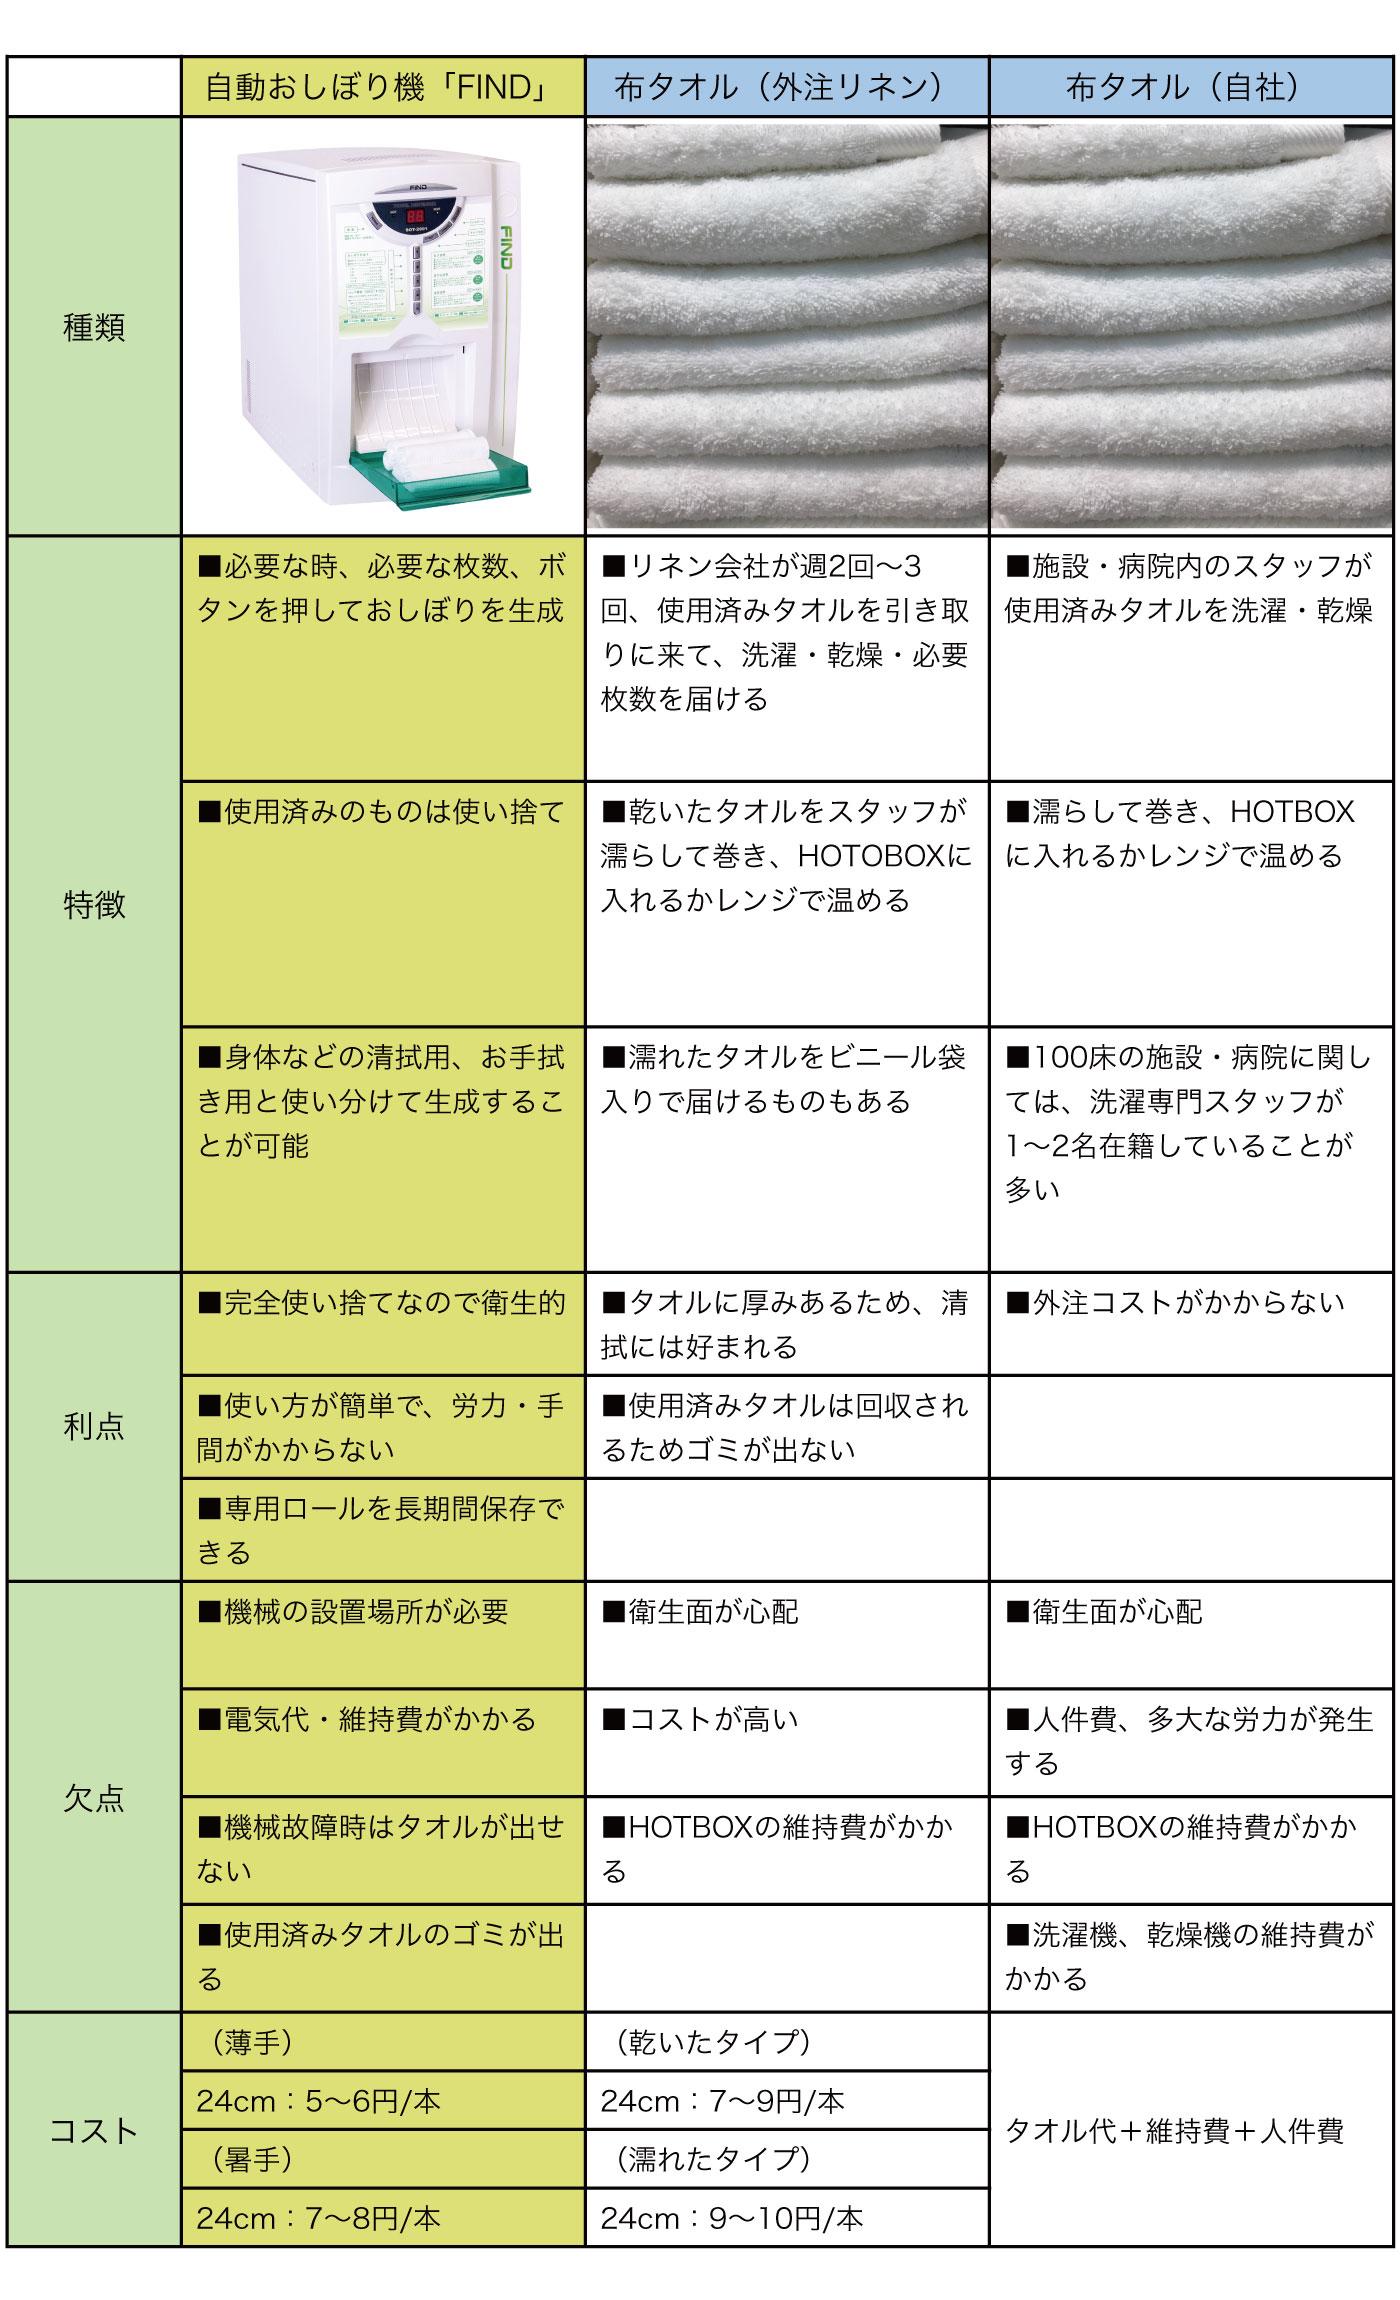 自動おしぼり機とリネン品との比較表